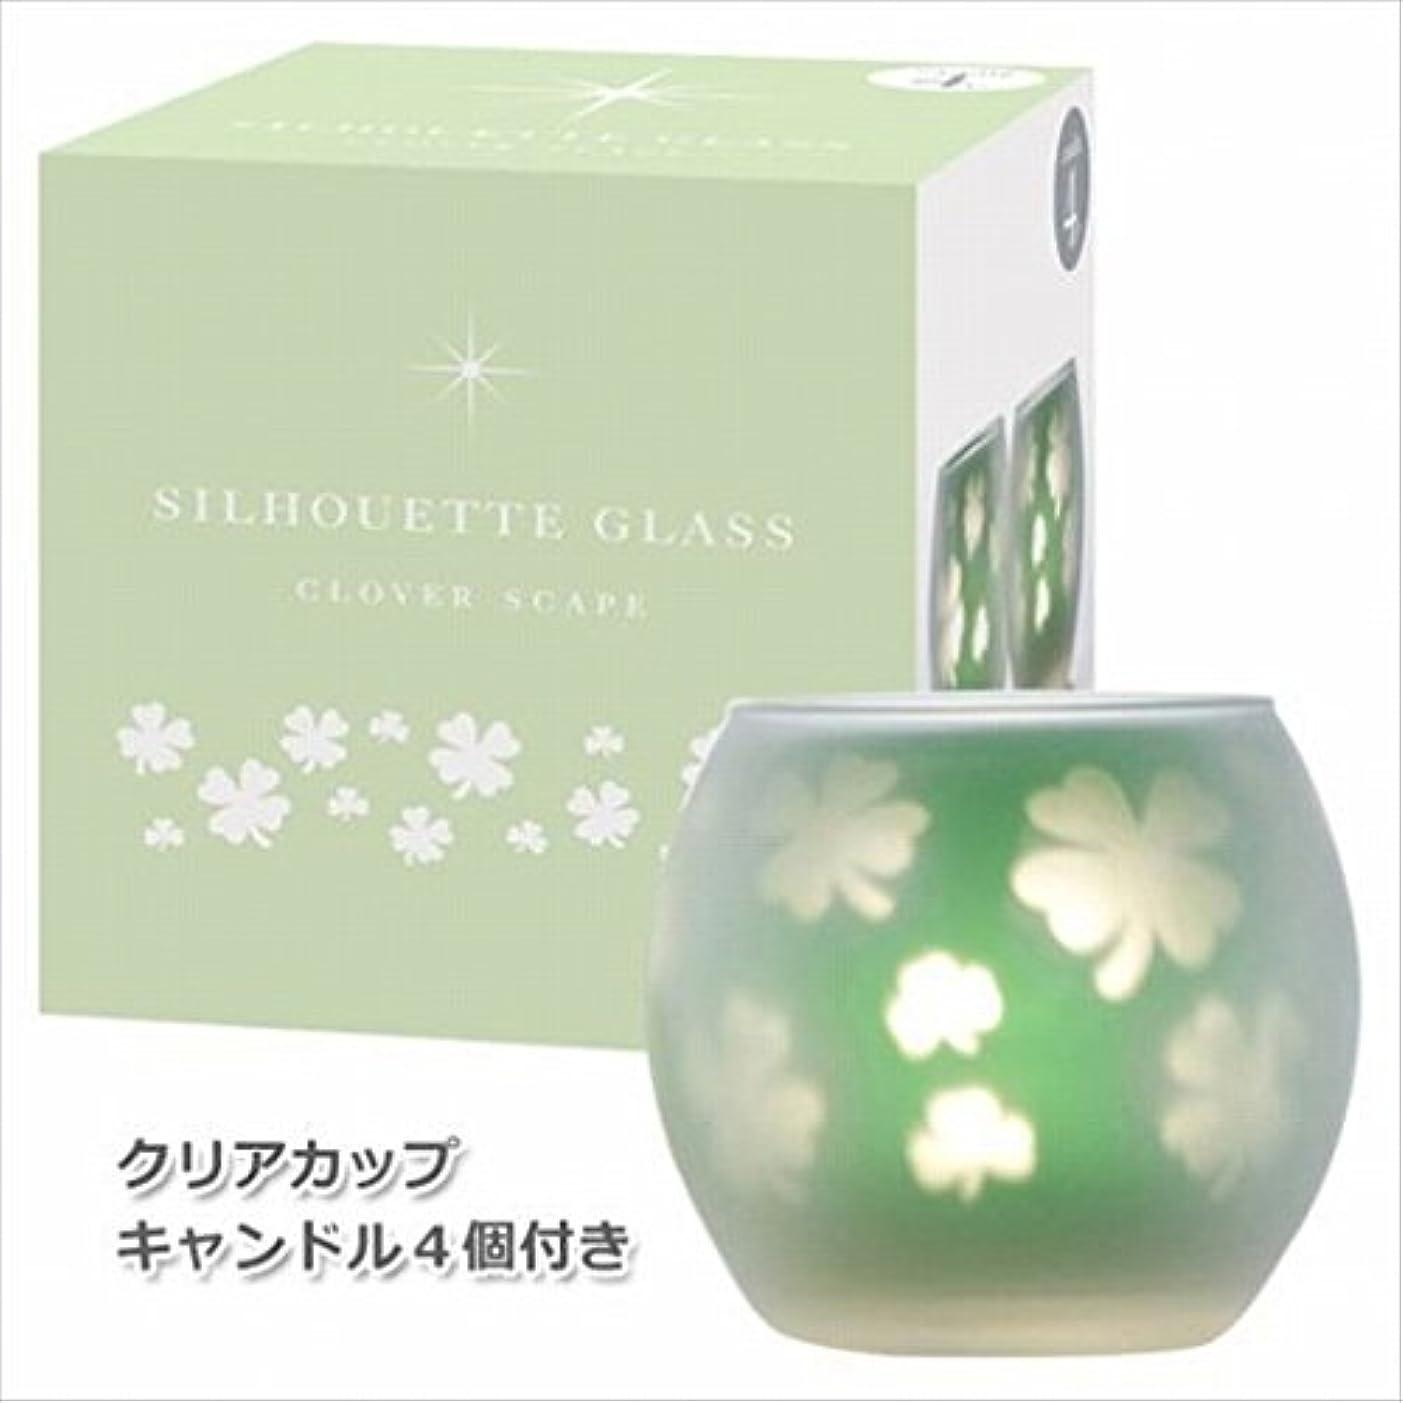 マーベル郡進行中カメヤマキャンドル(kameyama candle) クローバースケープ2【キャンドル4個付き】 シルエットグラス